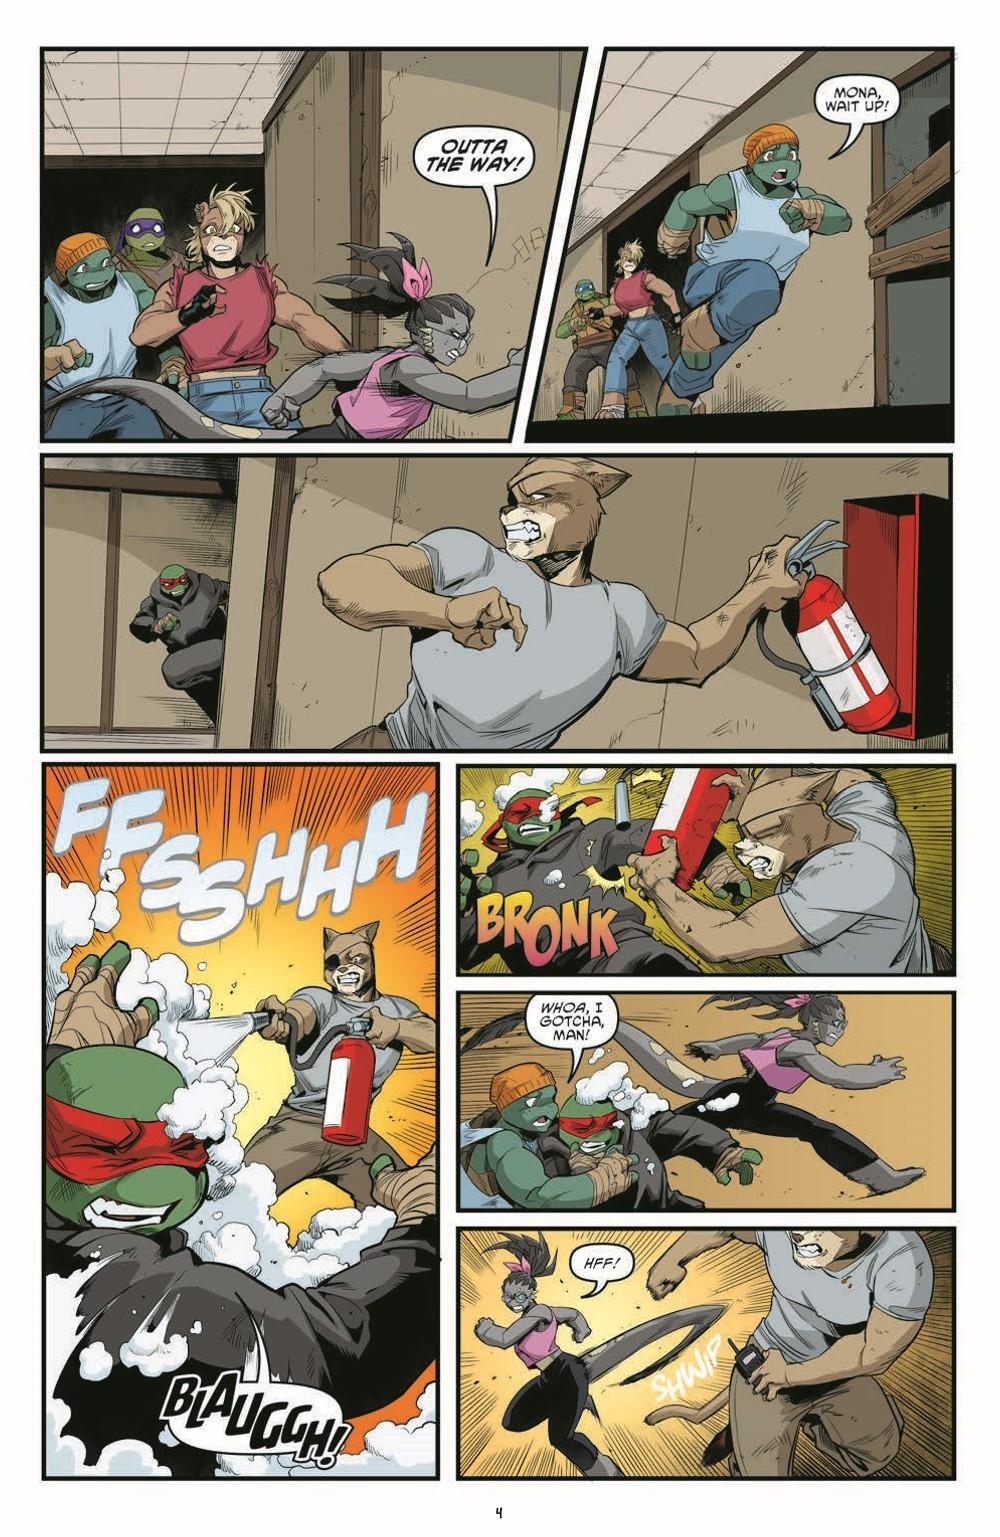 TMNT121_pr-6 ComicList Previews: TEENAGE MUTANT NINJA TURTLES #121